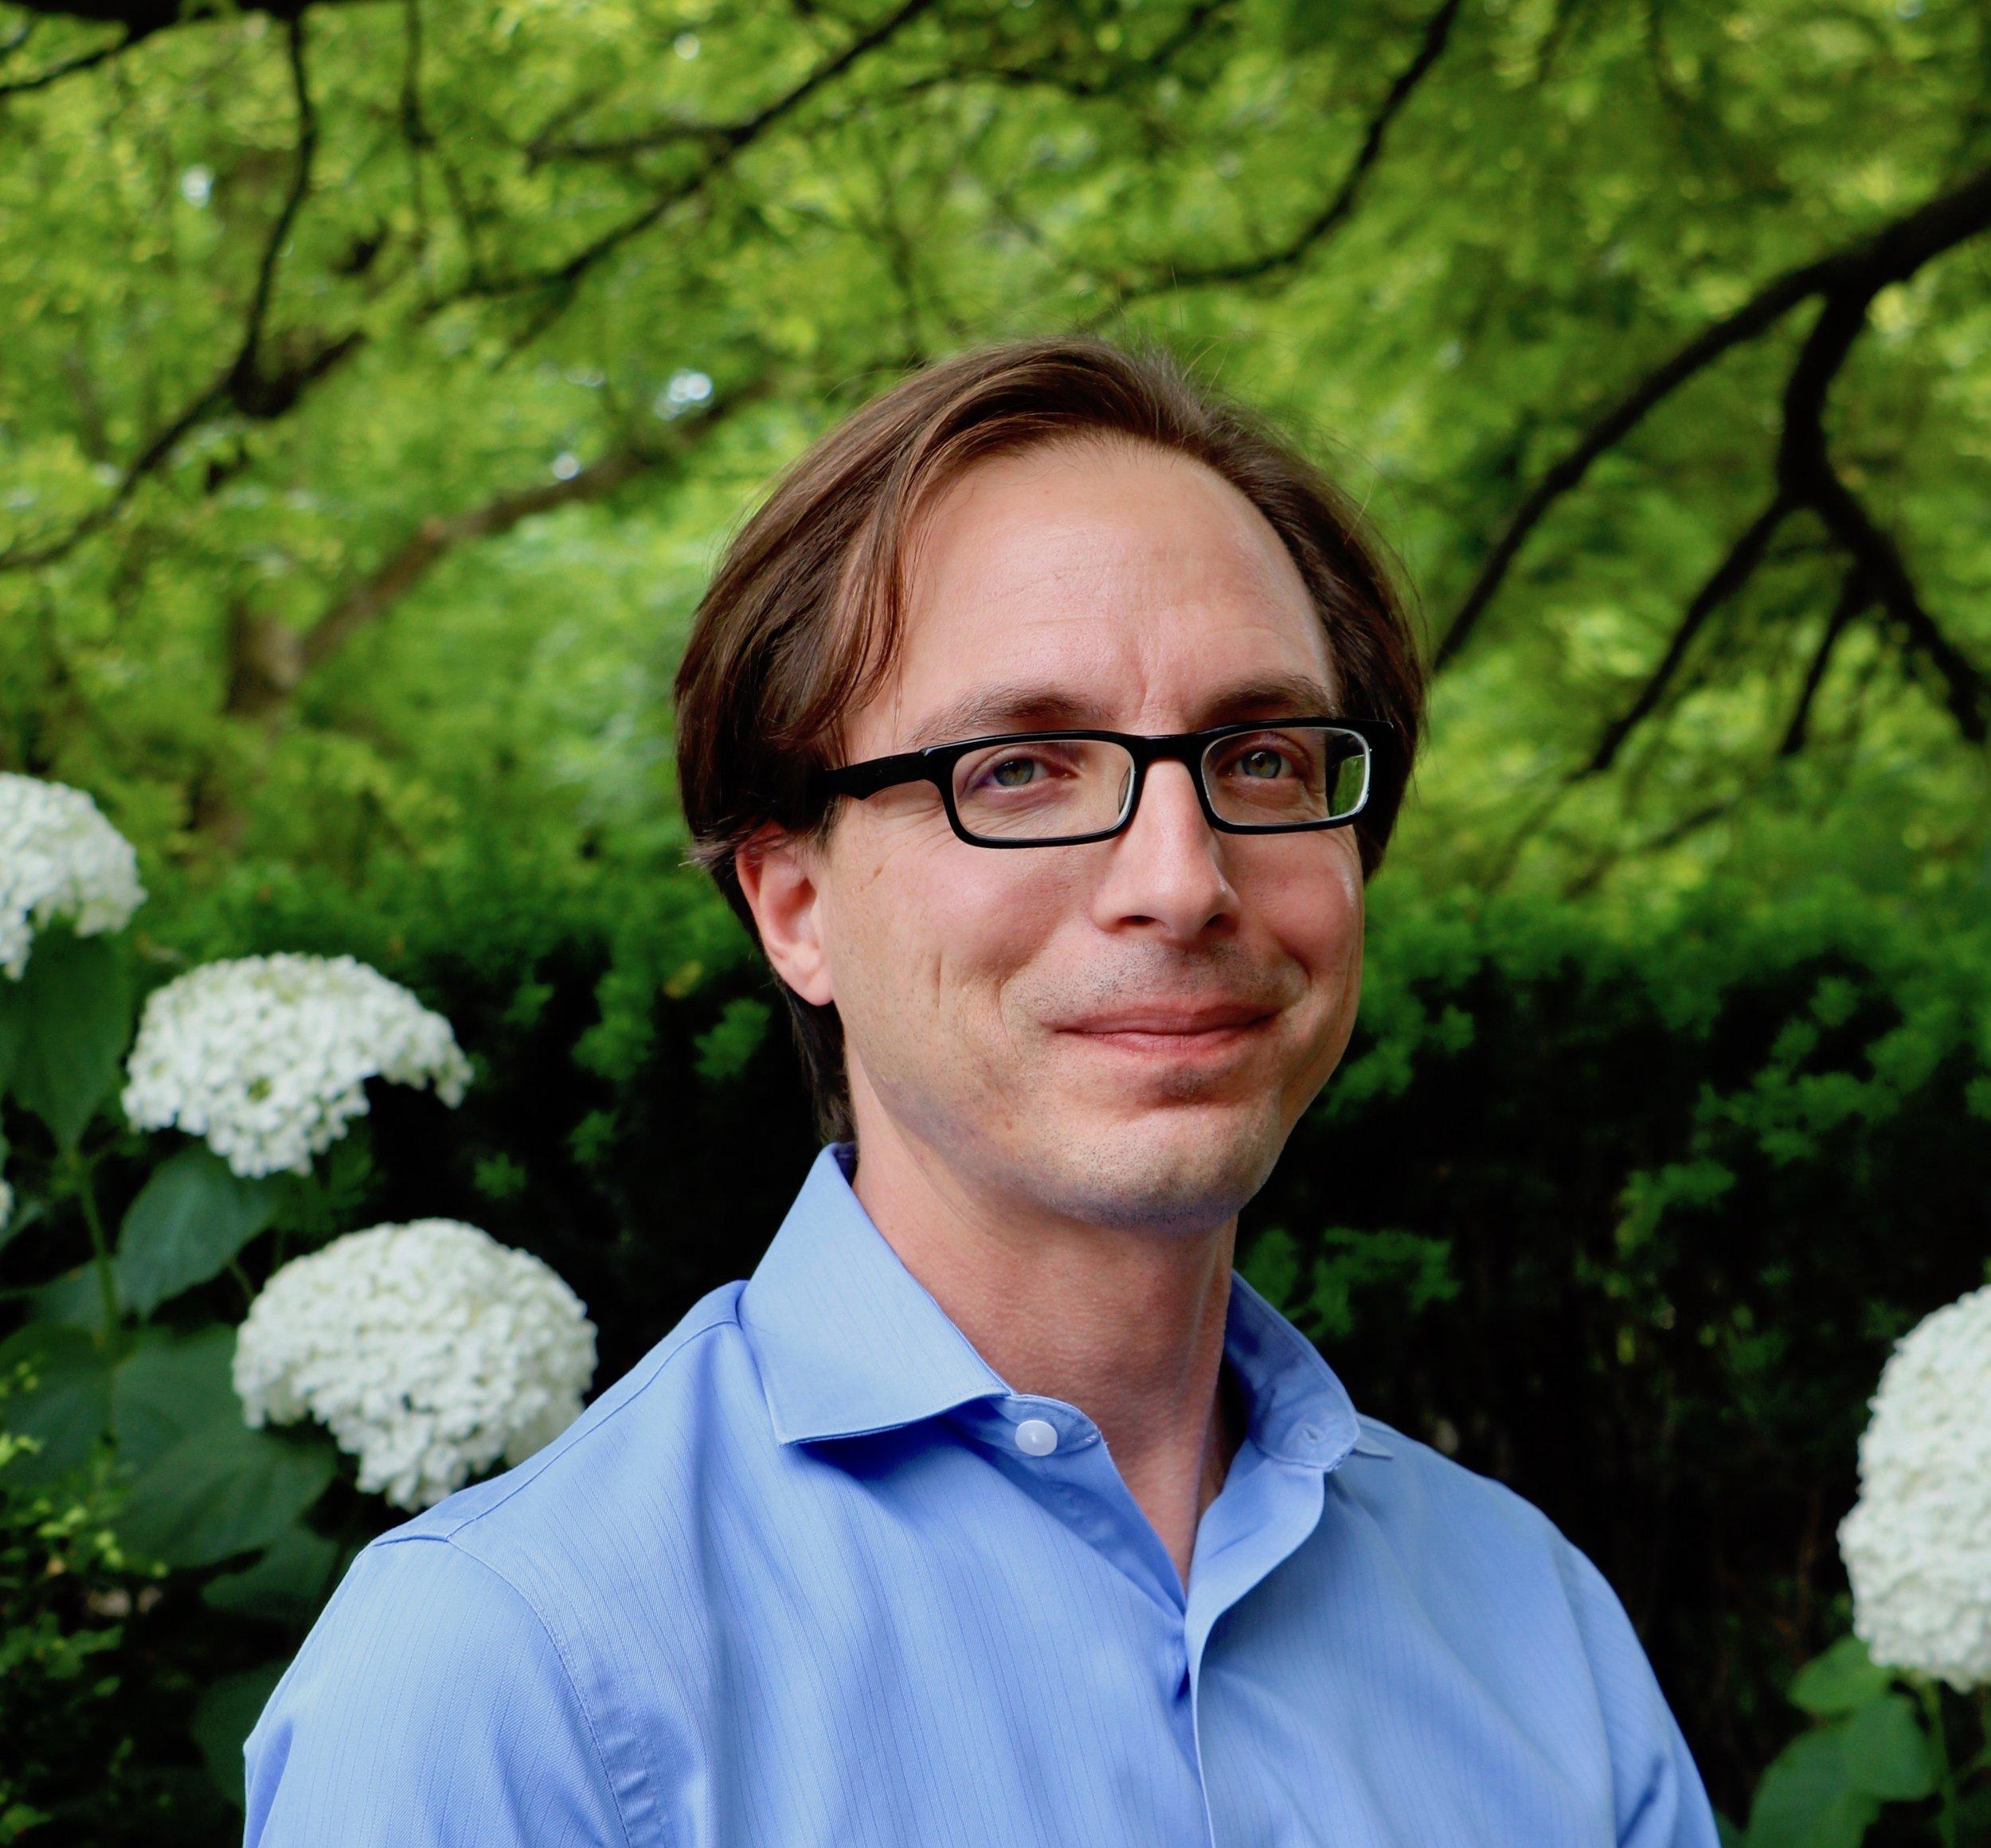 Davis Schneiderman